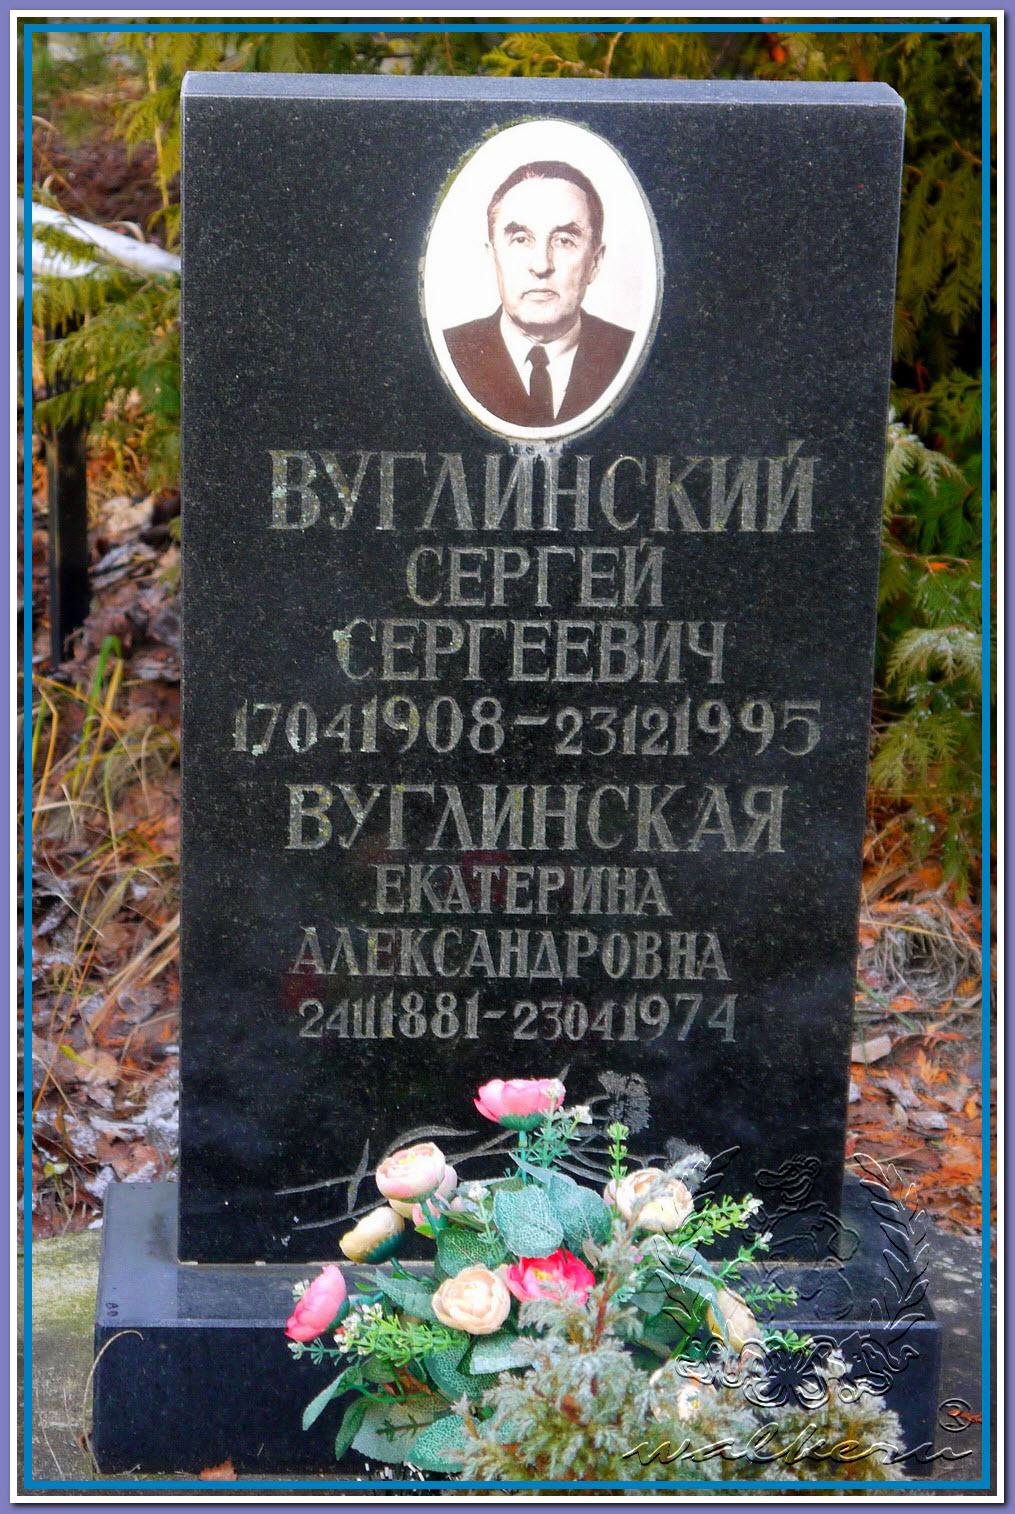 Вуглинский Сергей Сергеевич